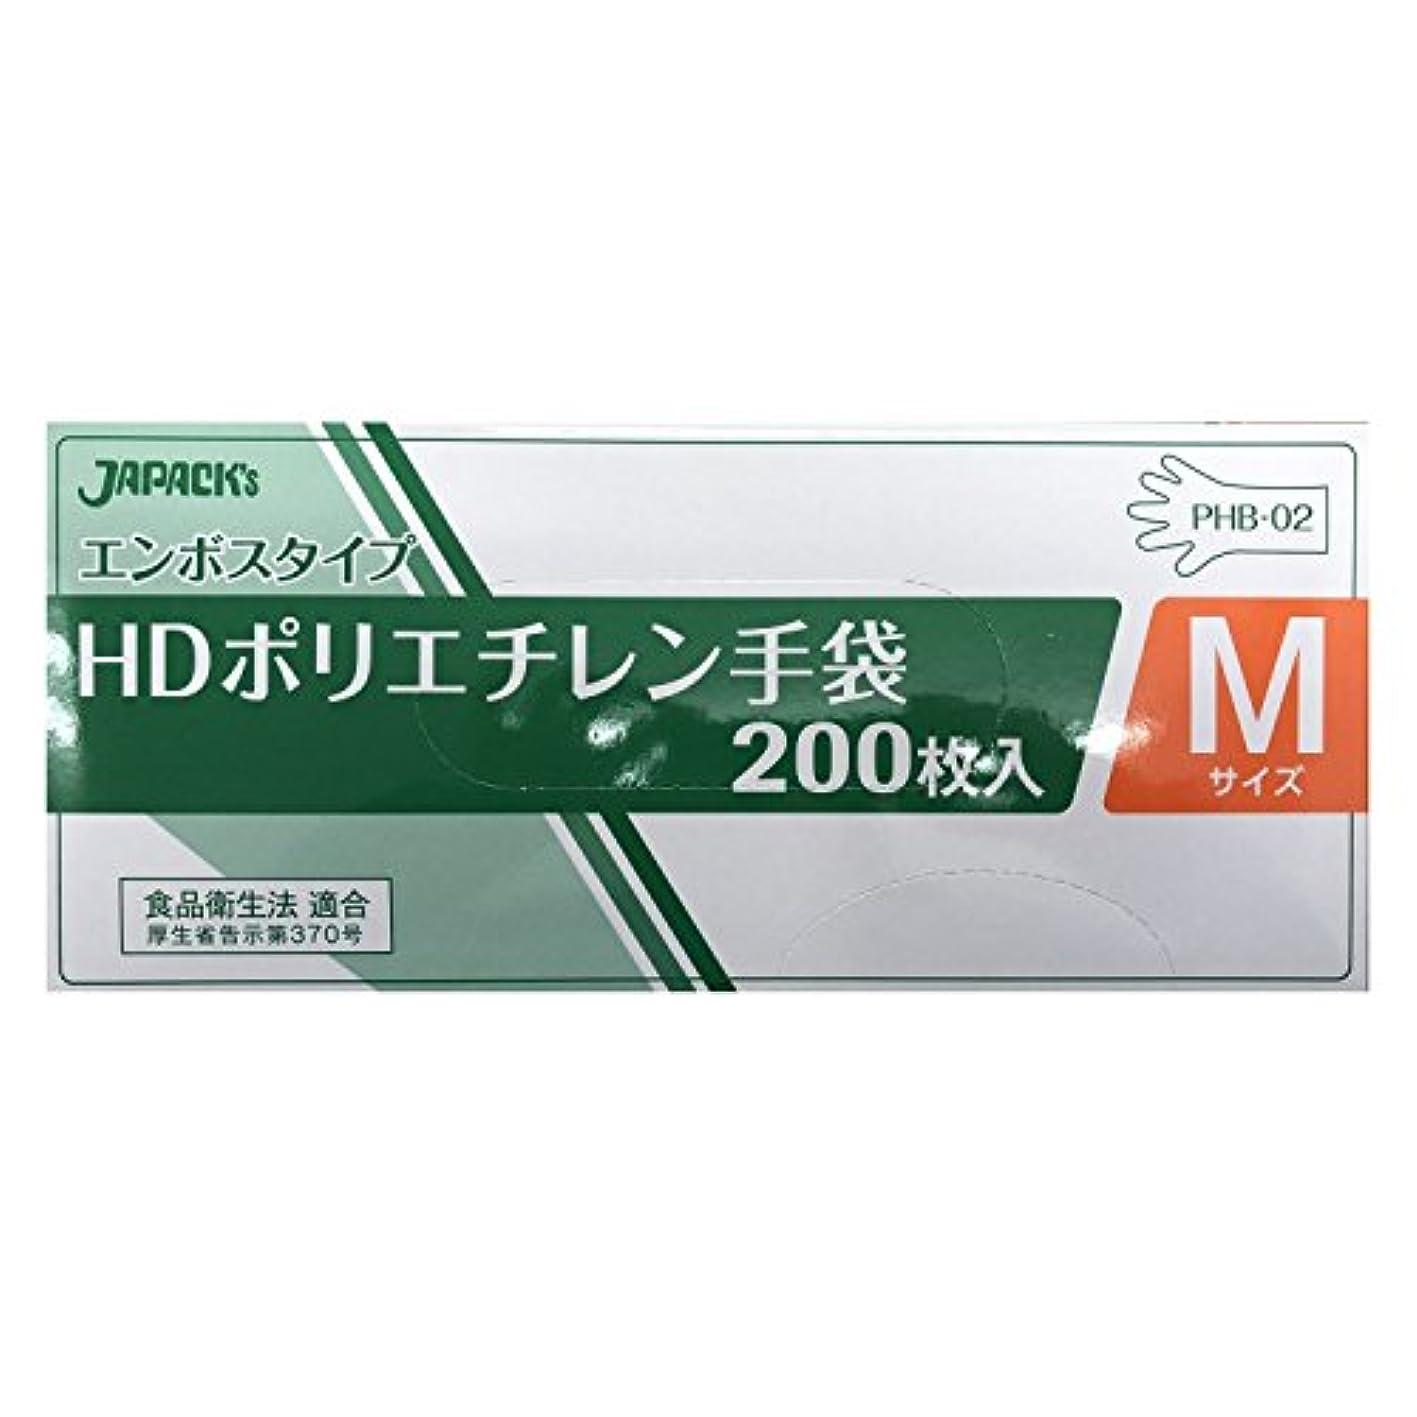 小売窒息させる絶滅エンボスタイプ HDポリエチレン手袋 Mサイズ BOX 200枚入 無着色 PHB-02